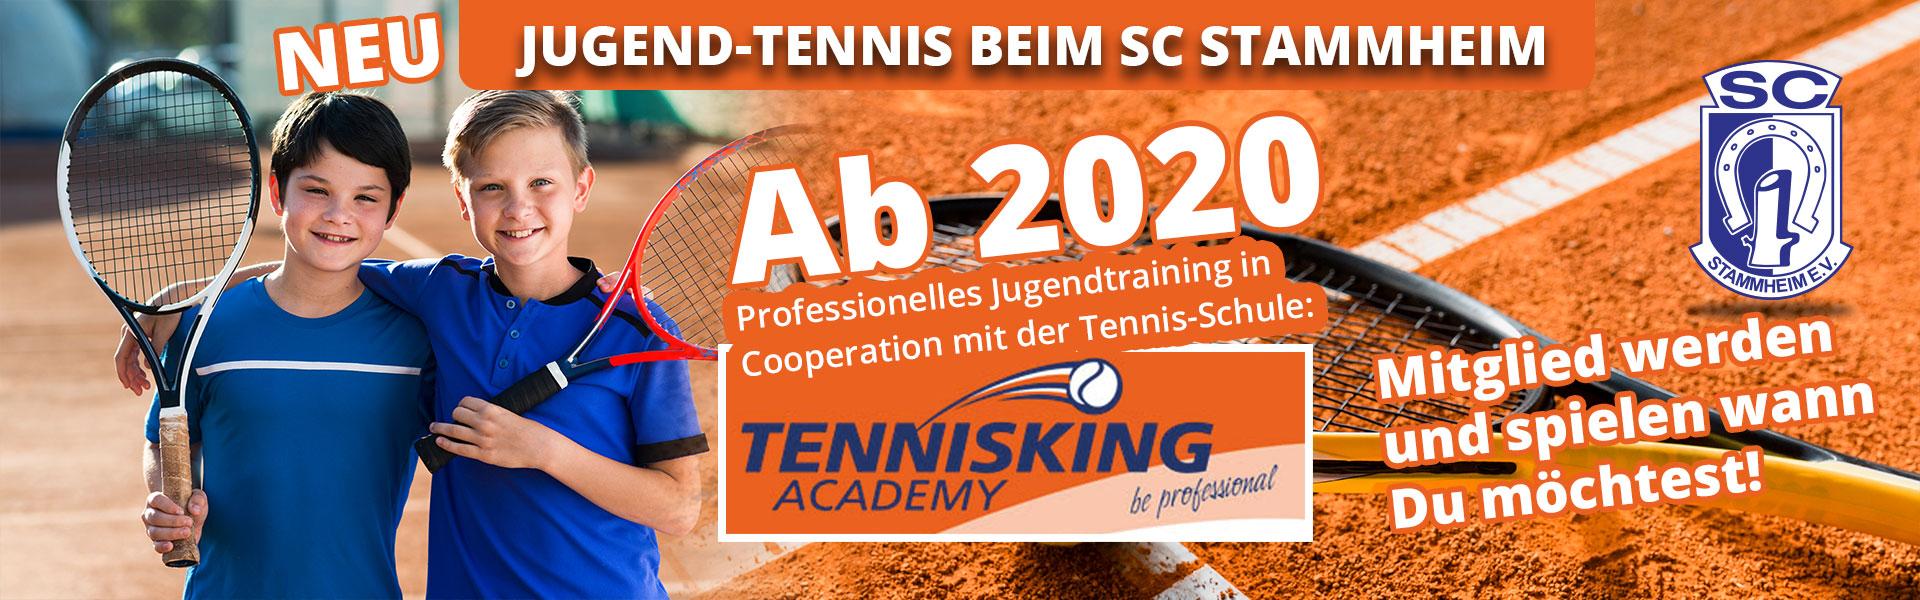 Jugendtennis-SC-Stammheim